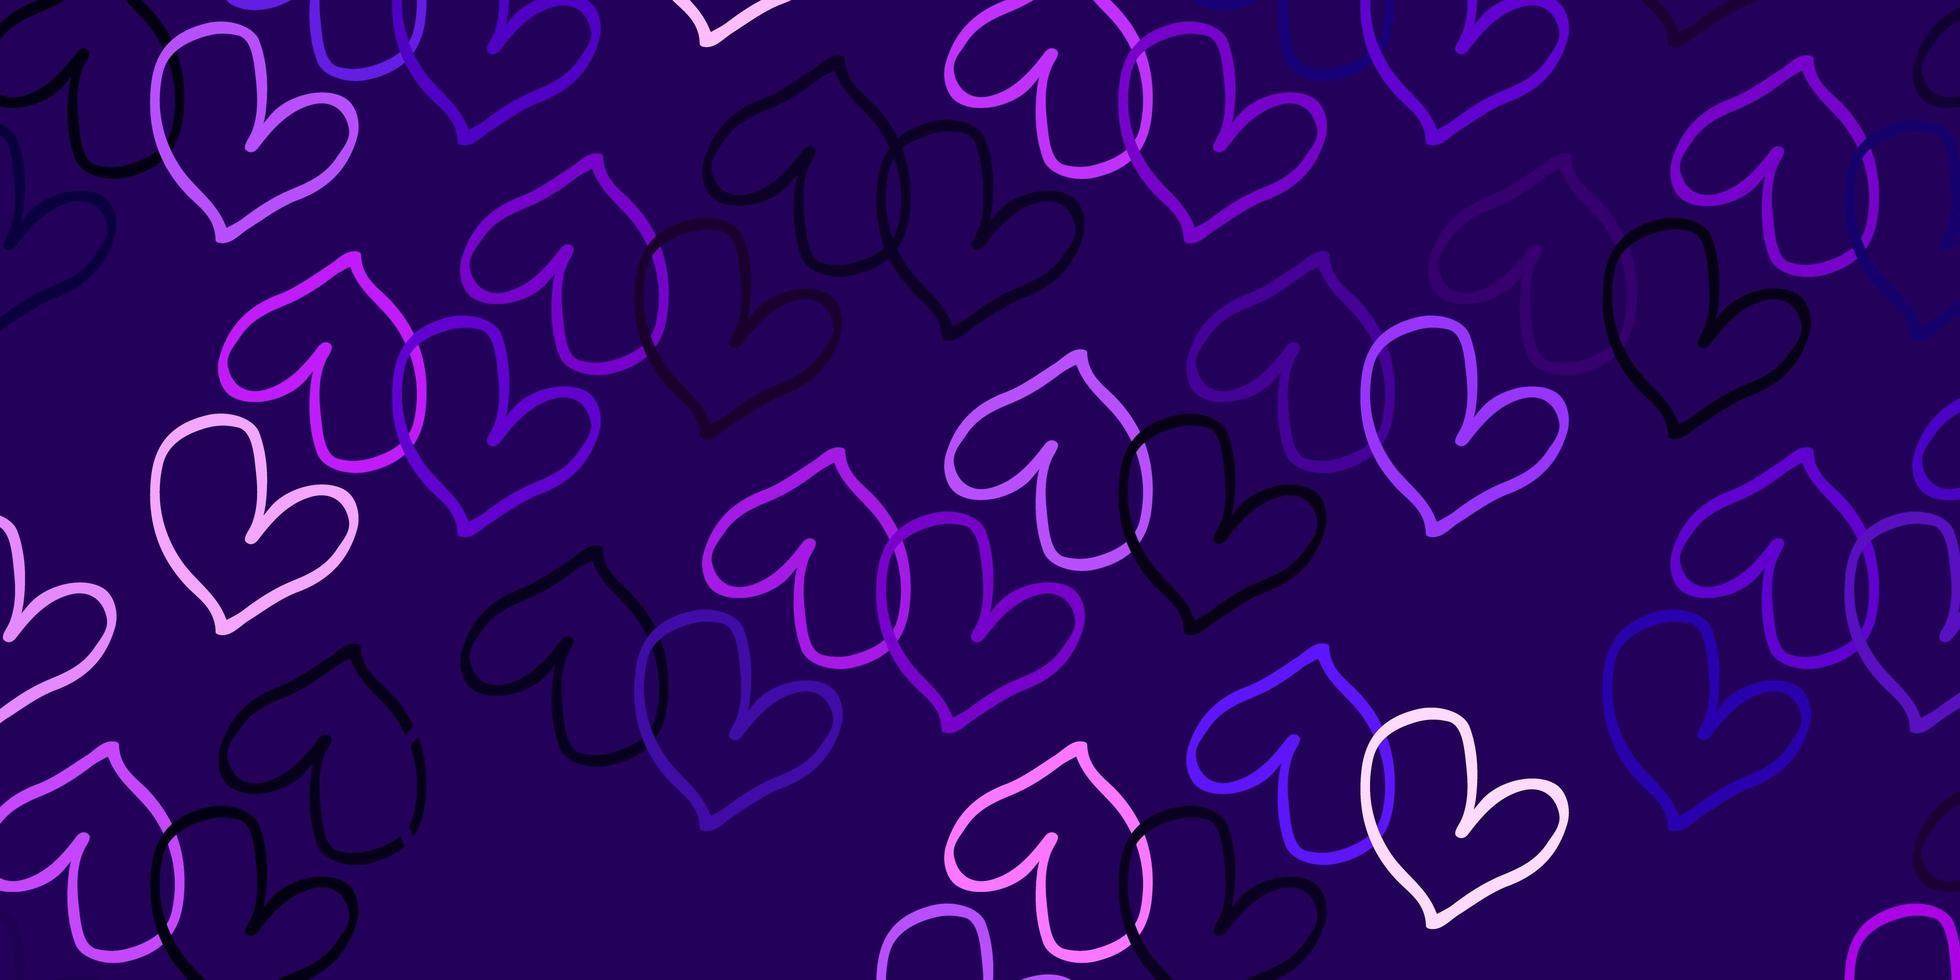 modelo de vetor rosa claro roxo com corações de doodle.